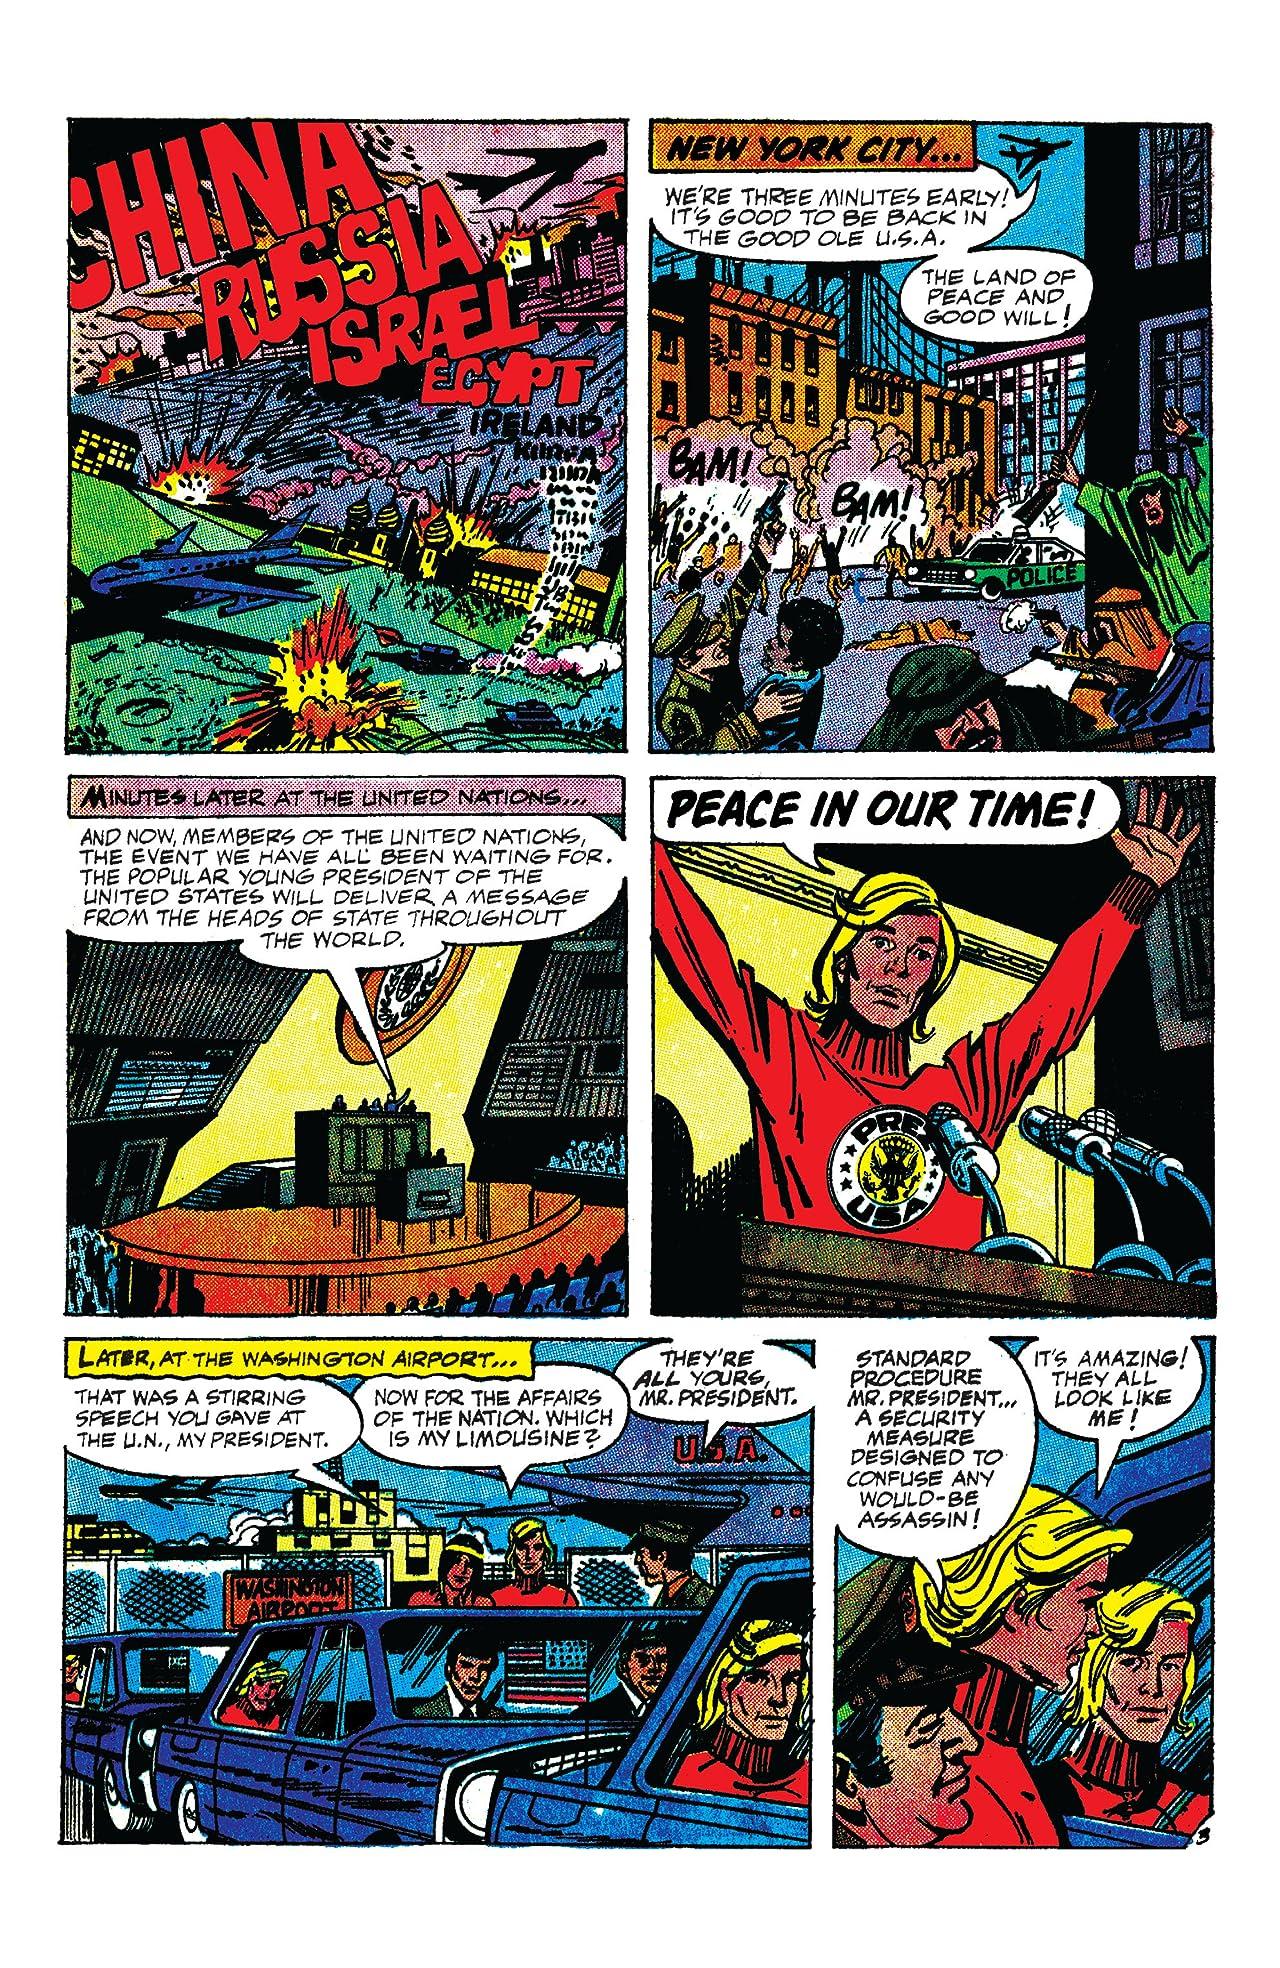 Prez (1973) #2